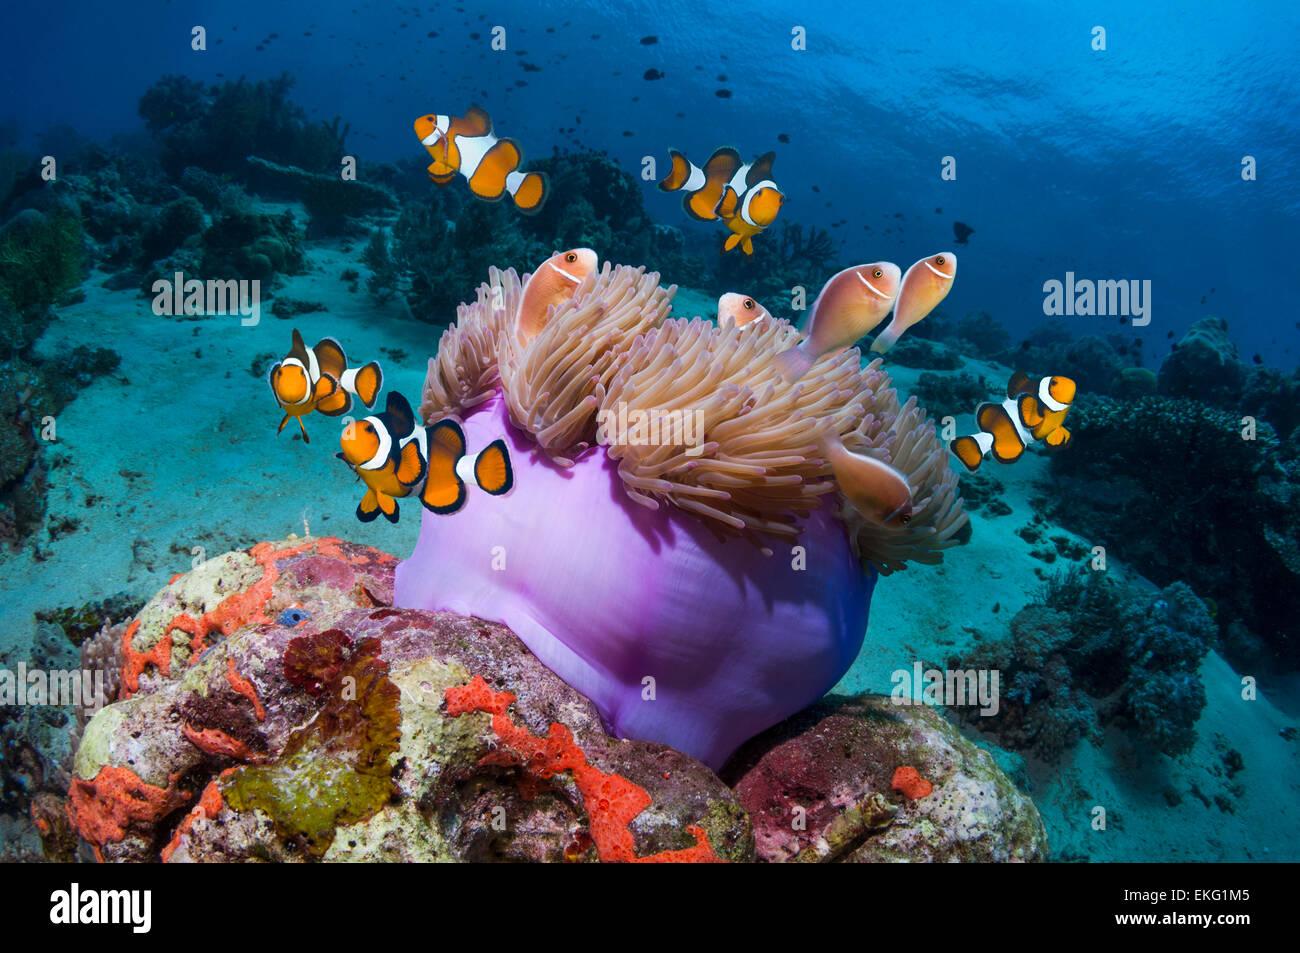 Poisson clown (Amphiprion percula clown) et Rose (un poisson clown perideraion) avec anémone magnifique sur la barrière de corail. L'Indonésie Banque D'Images